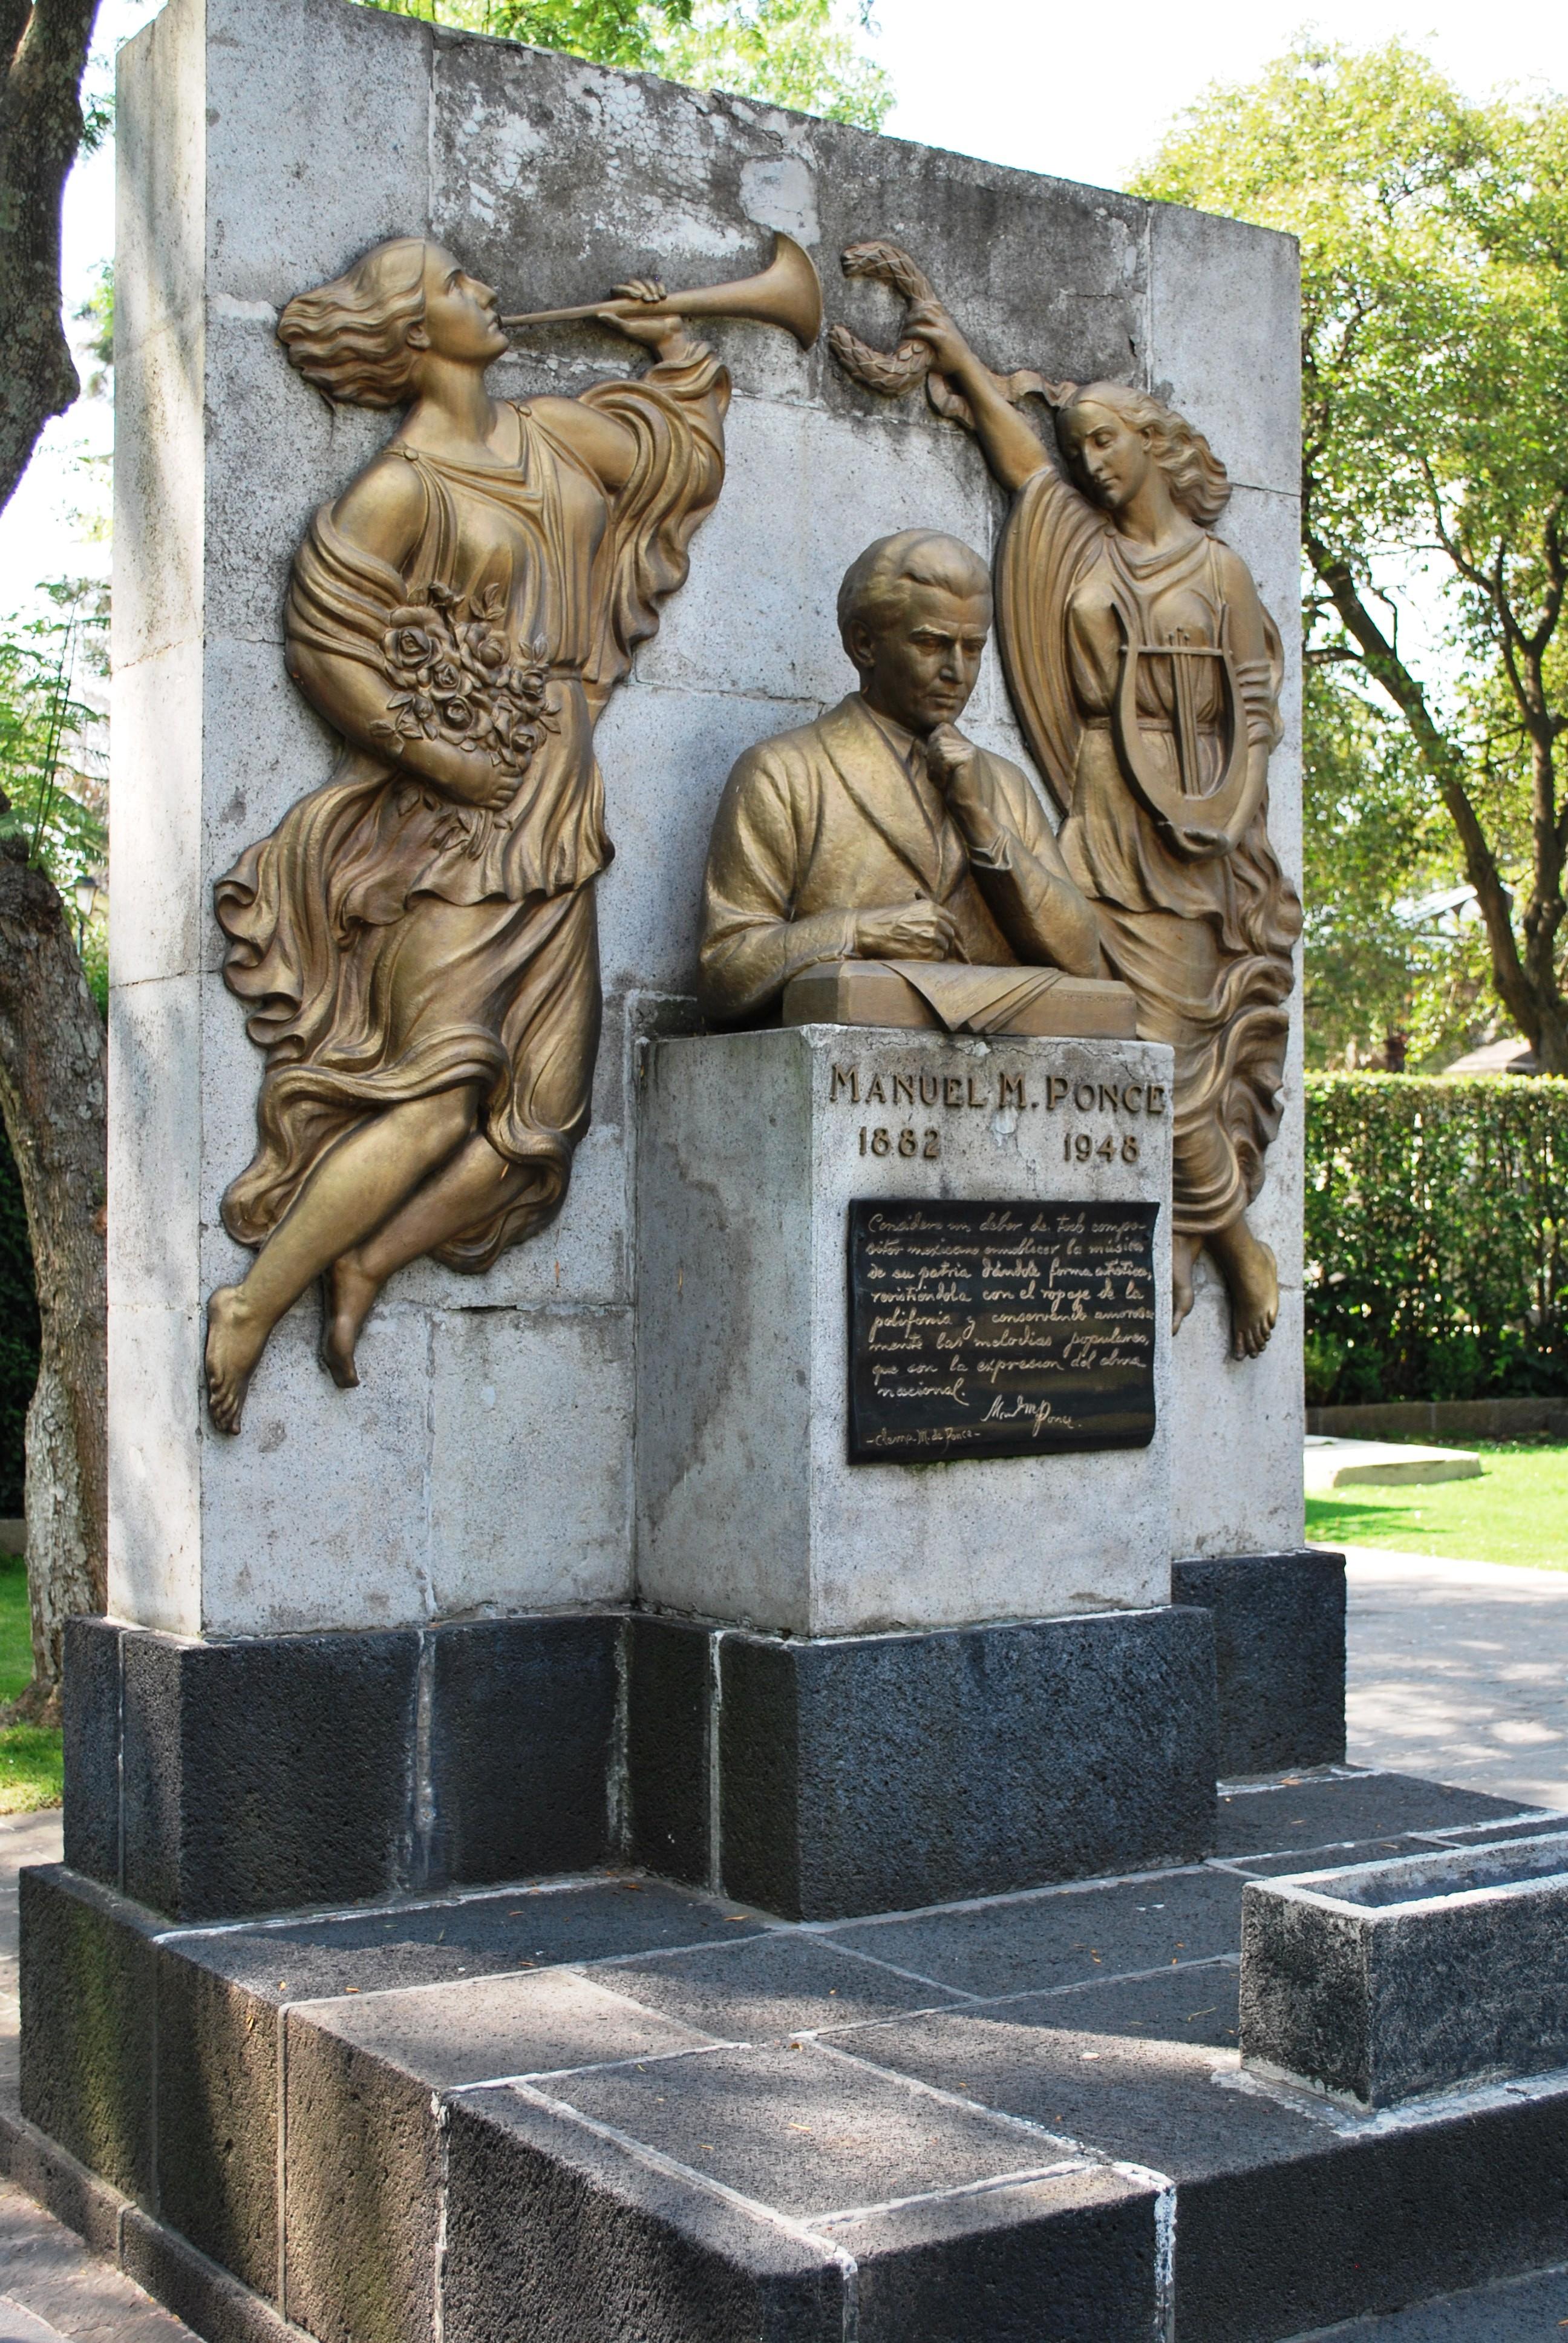 Sepulcro de Manuel M. Ponce en la Rotonda de las Personas Ilustres (México)